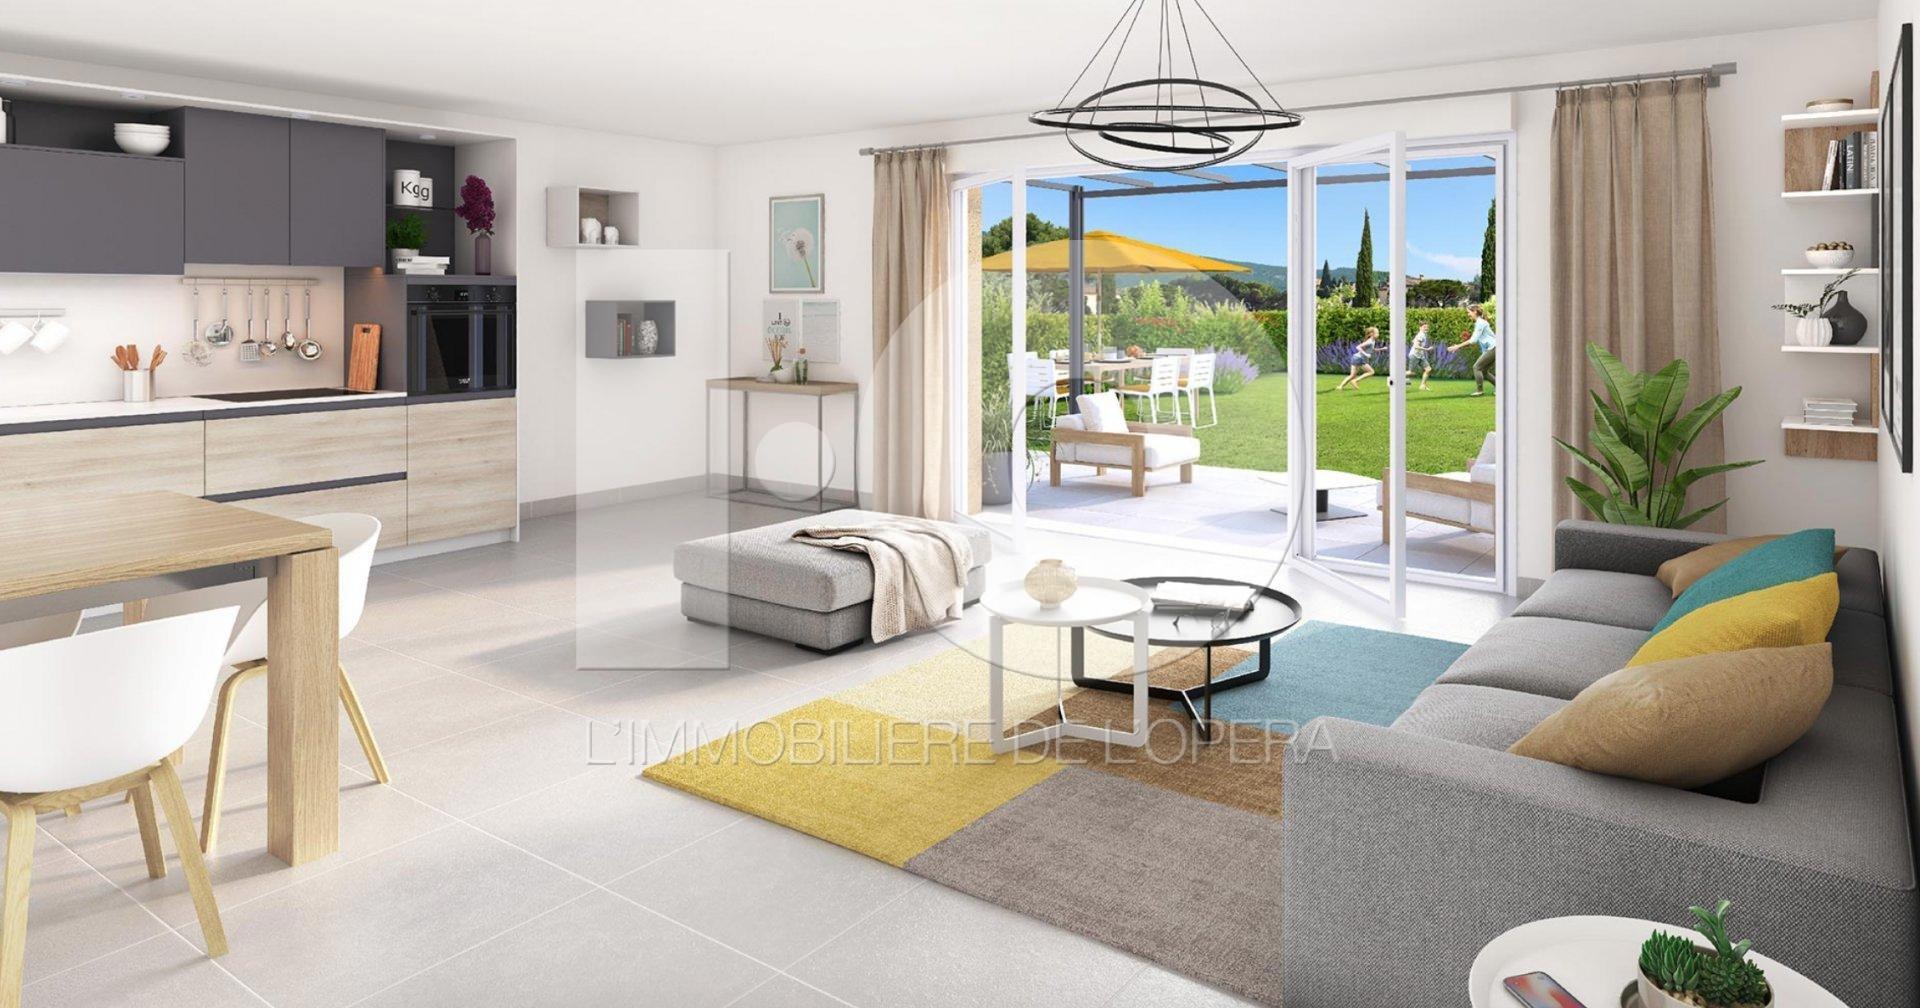 06600 ANTIBES - Appartement de 2 pièces de 38m2 en Rez de jardin